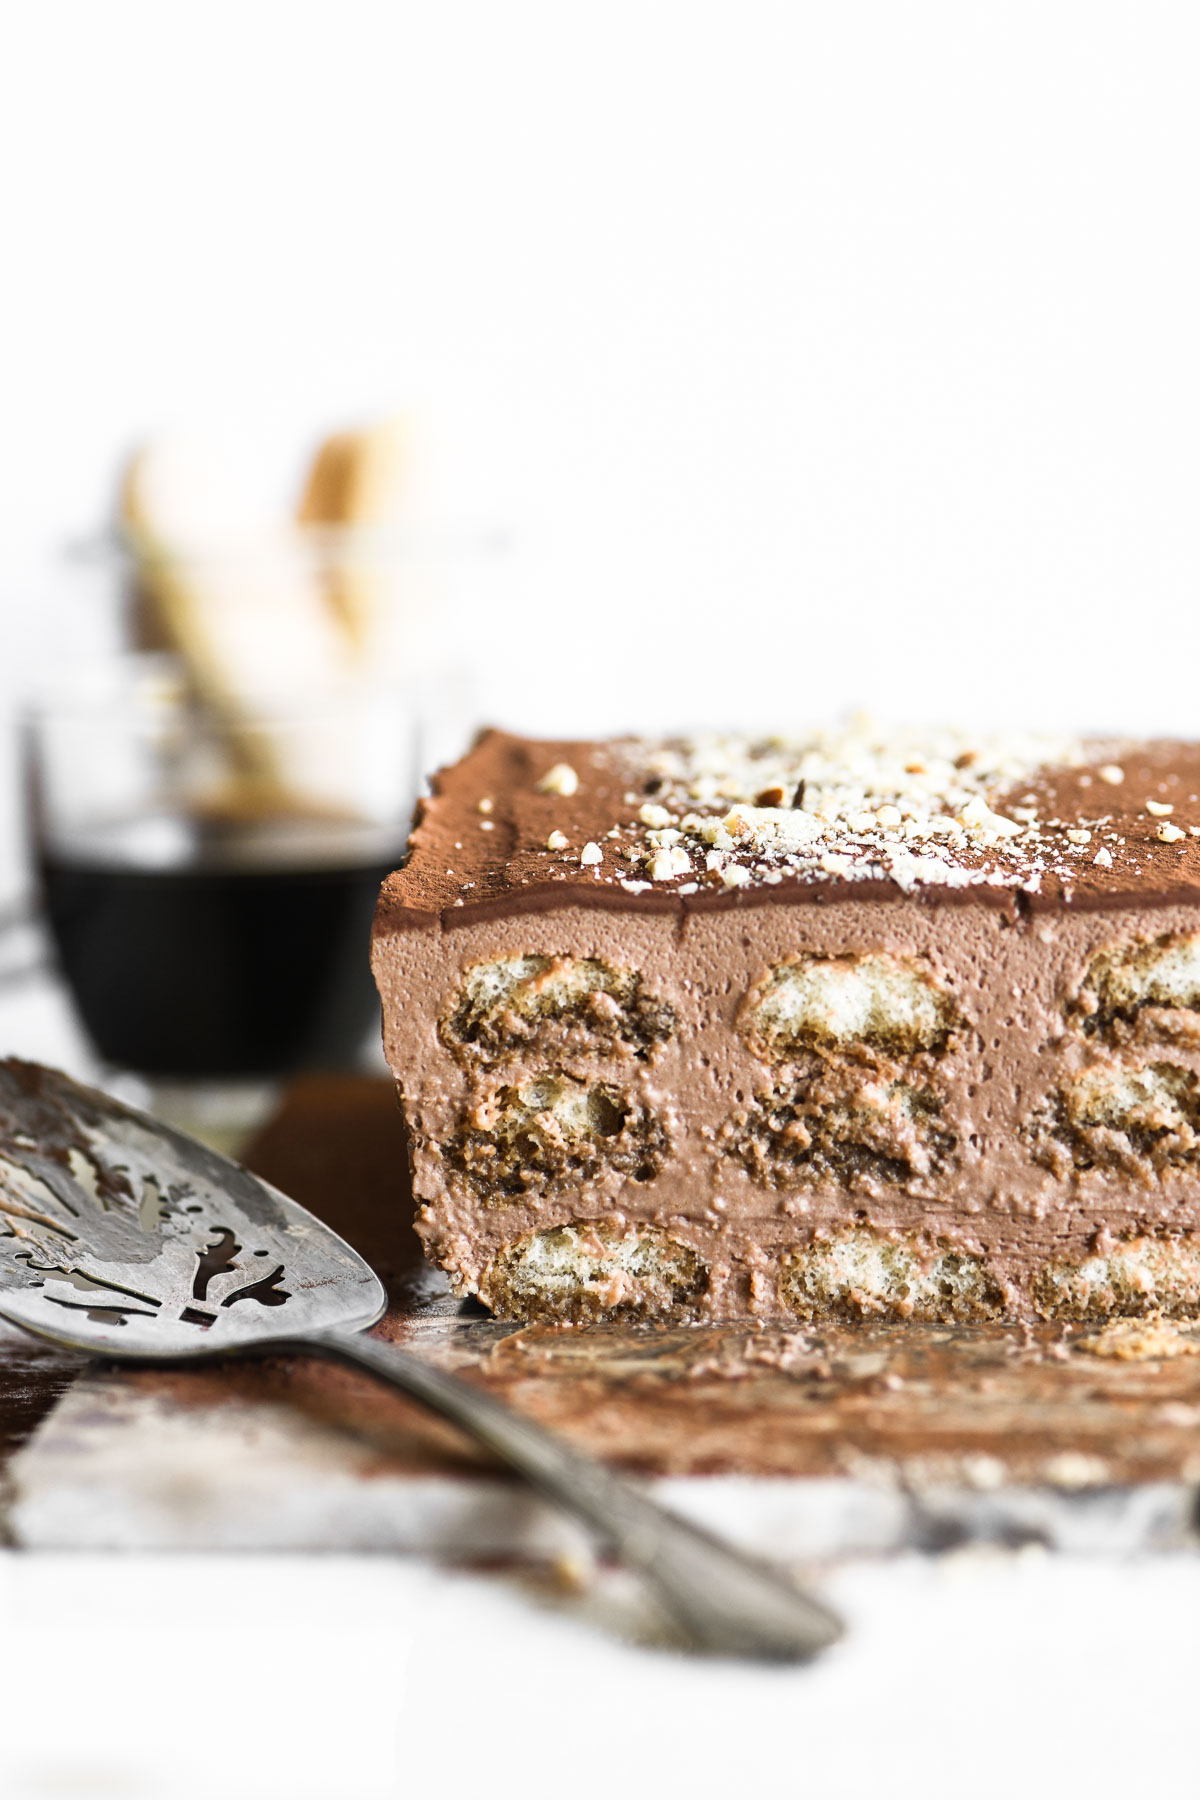 chocolate hazelnut tiramisu, sliced